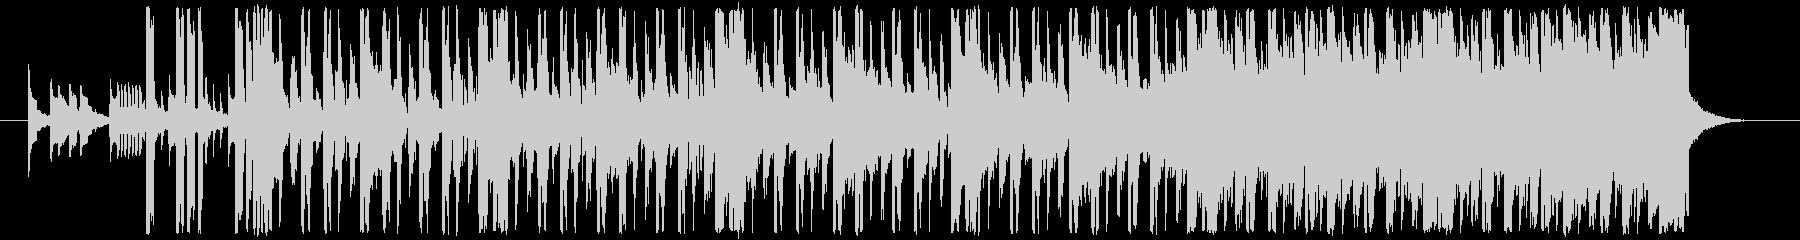 80sのエレクトロヒップホップの未再生の波形